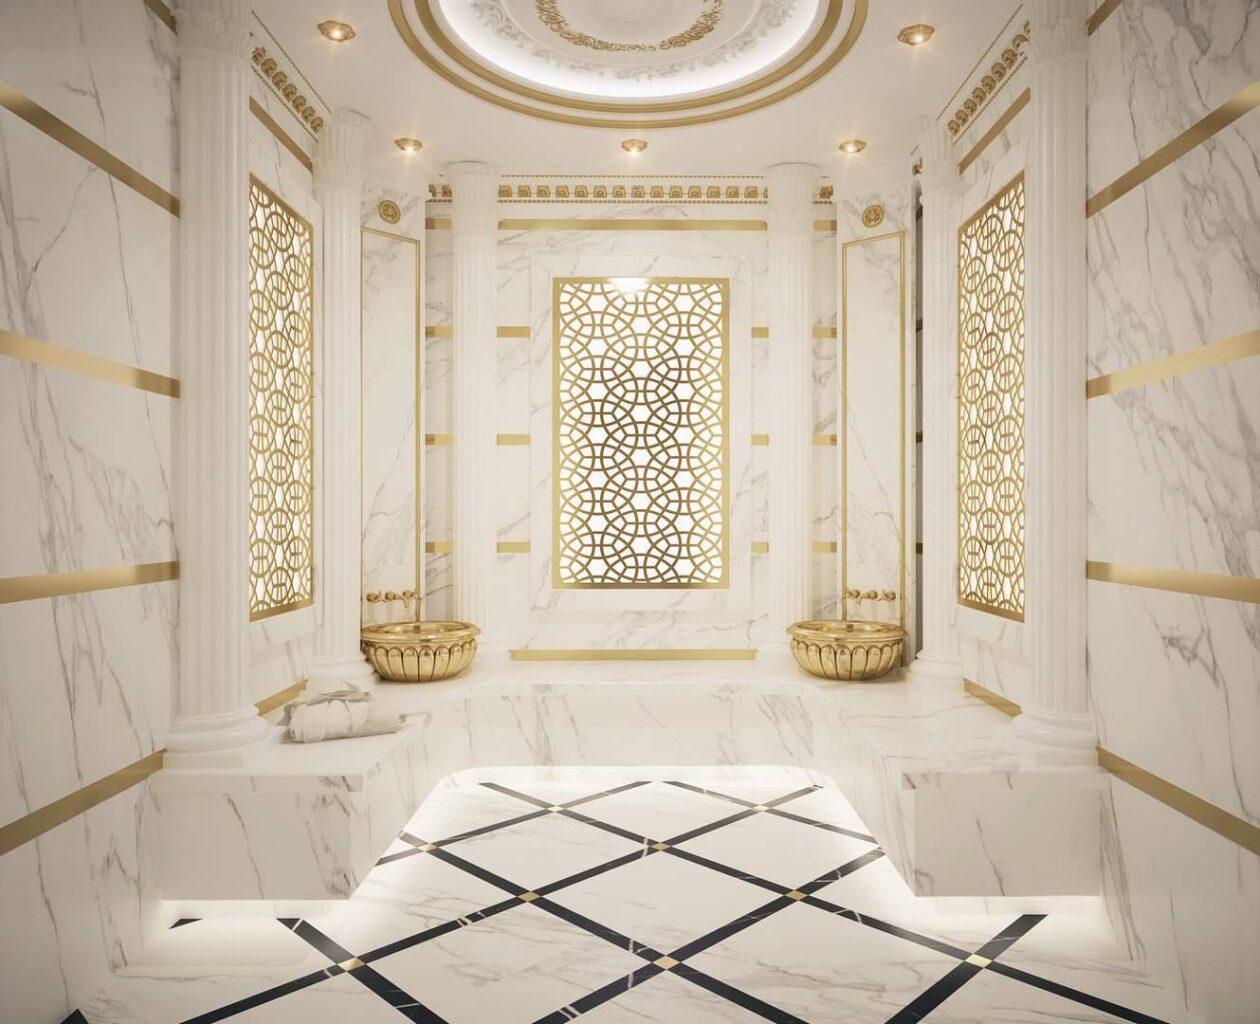 Malikane hamam tasarımı